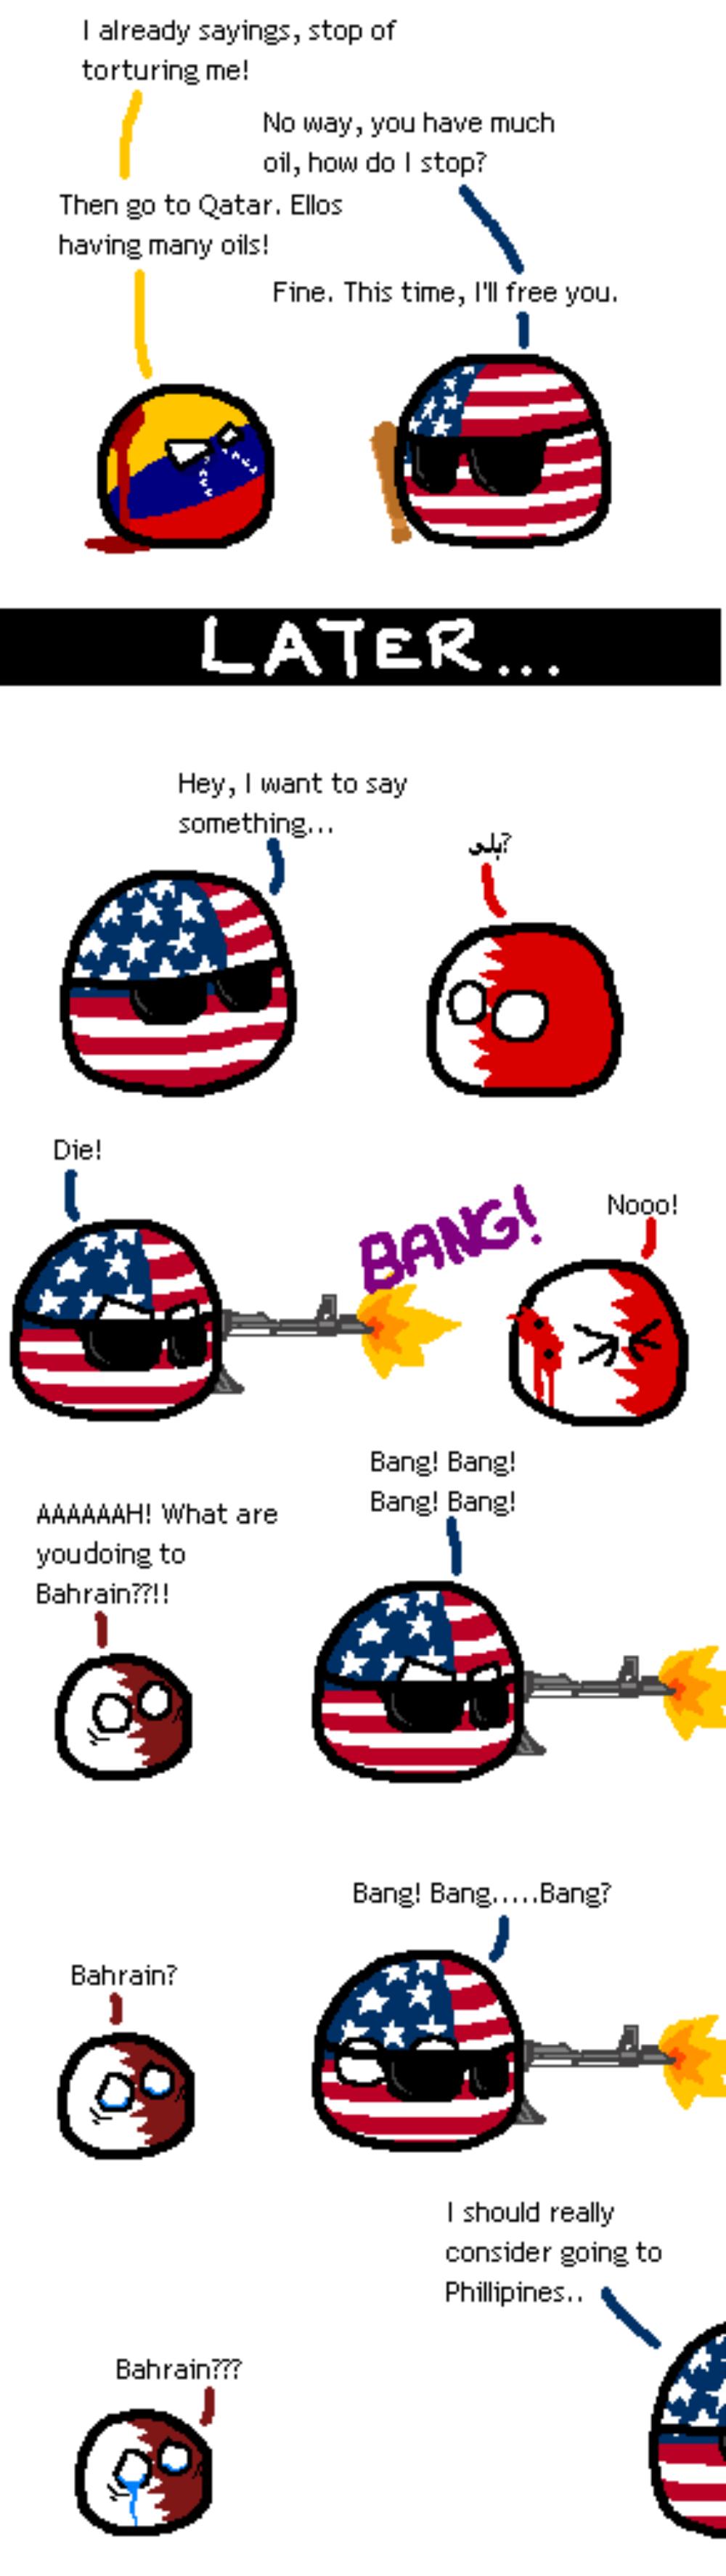 Why America? Why?